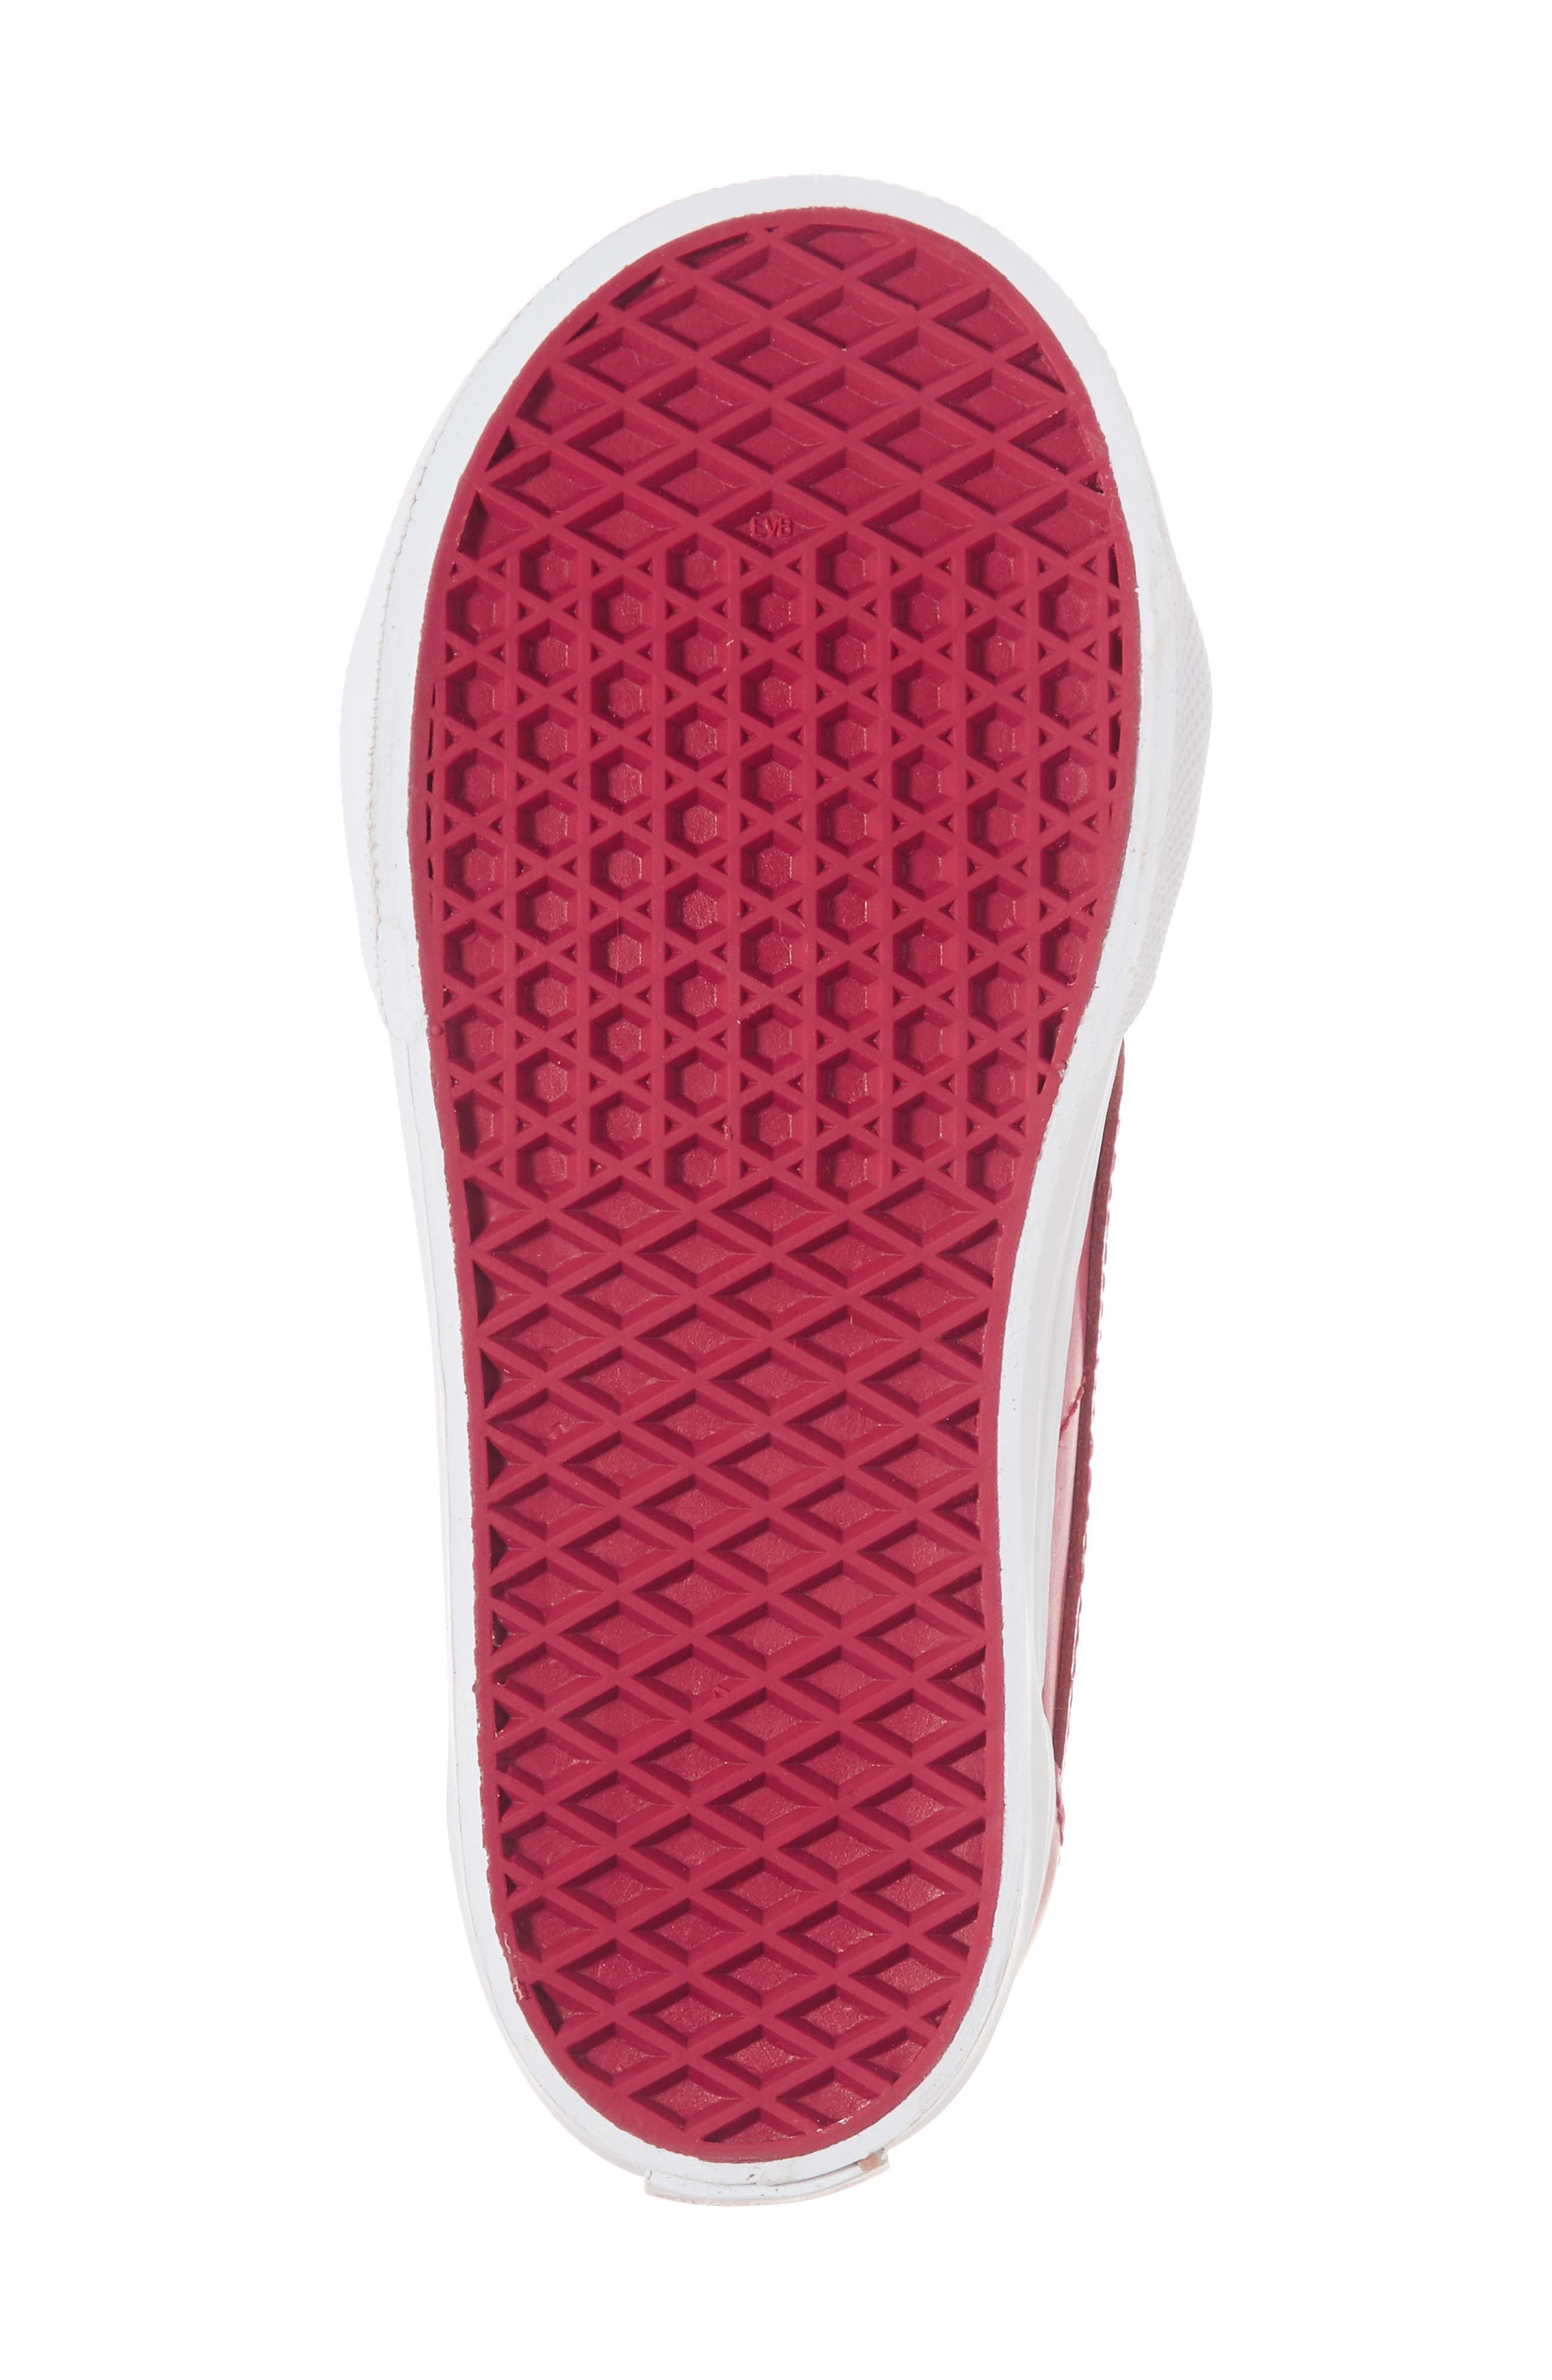 SK8-Hi Zip Sneaker,                             Alternate thumbnail 6, color,                             Persian Red/ Gold